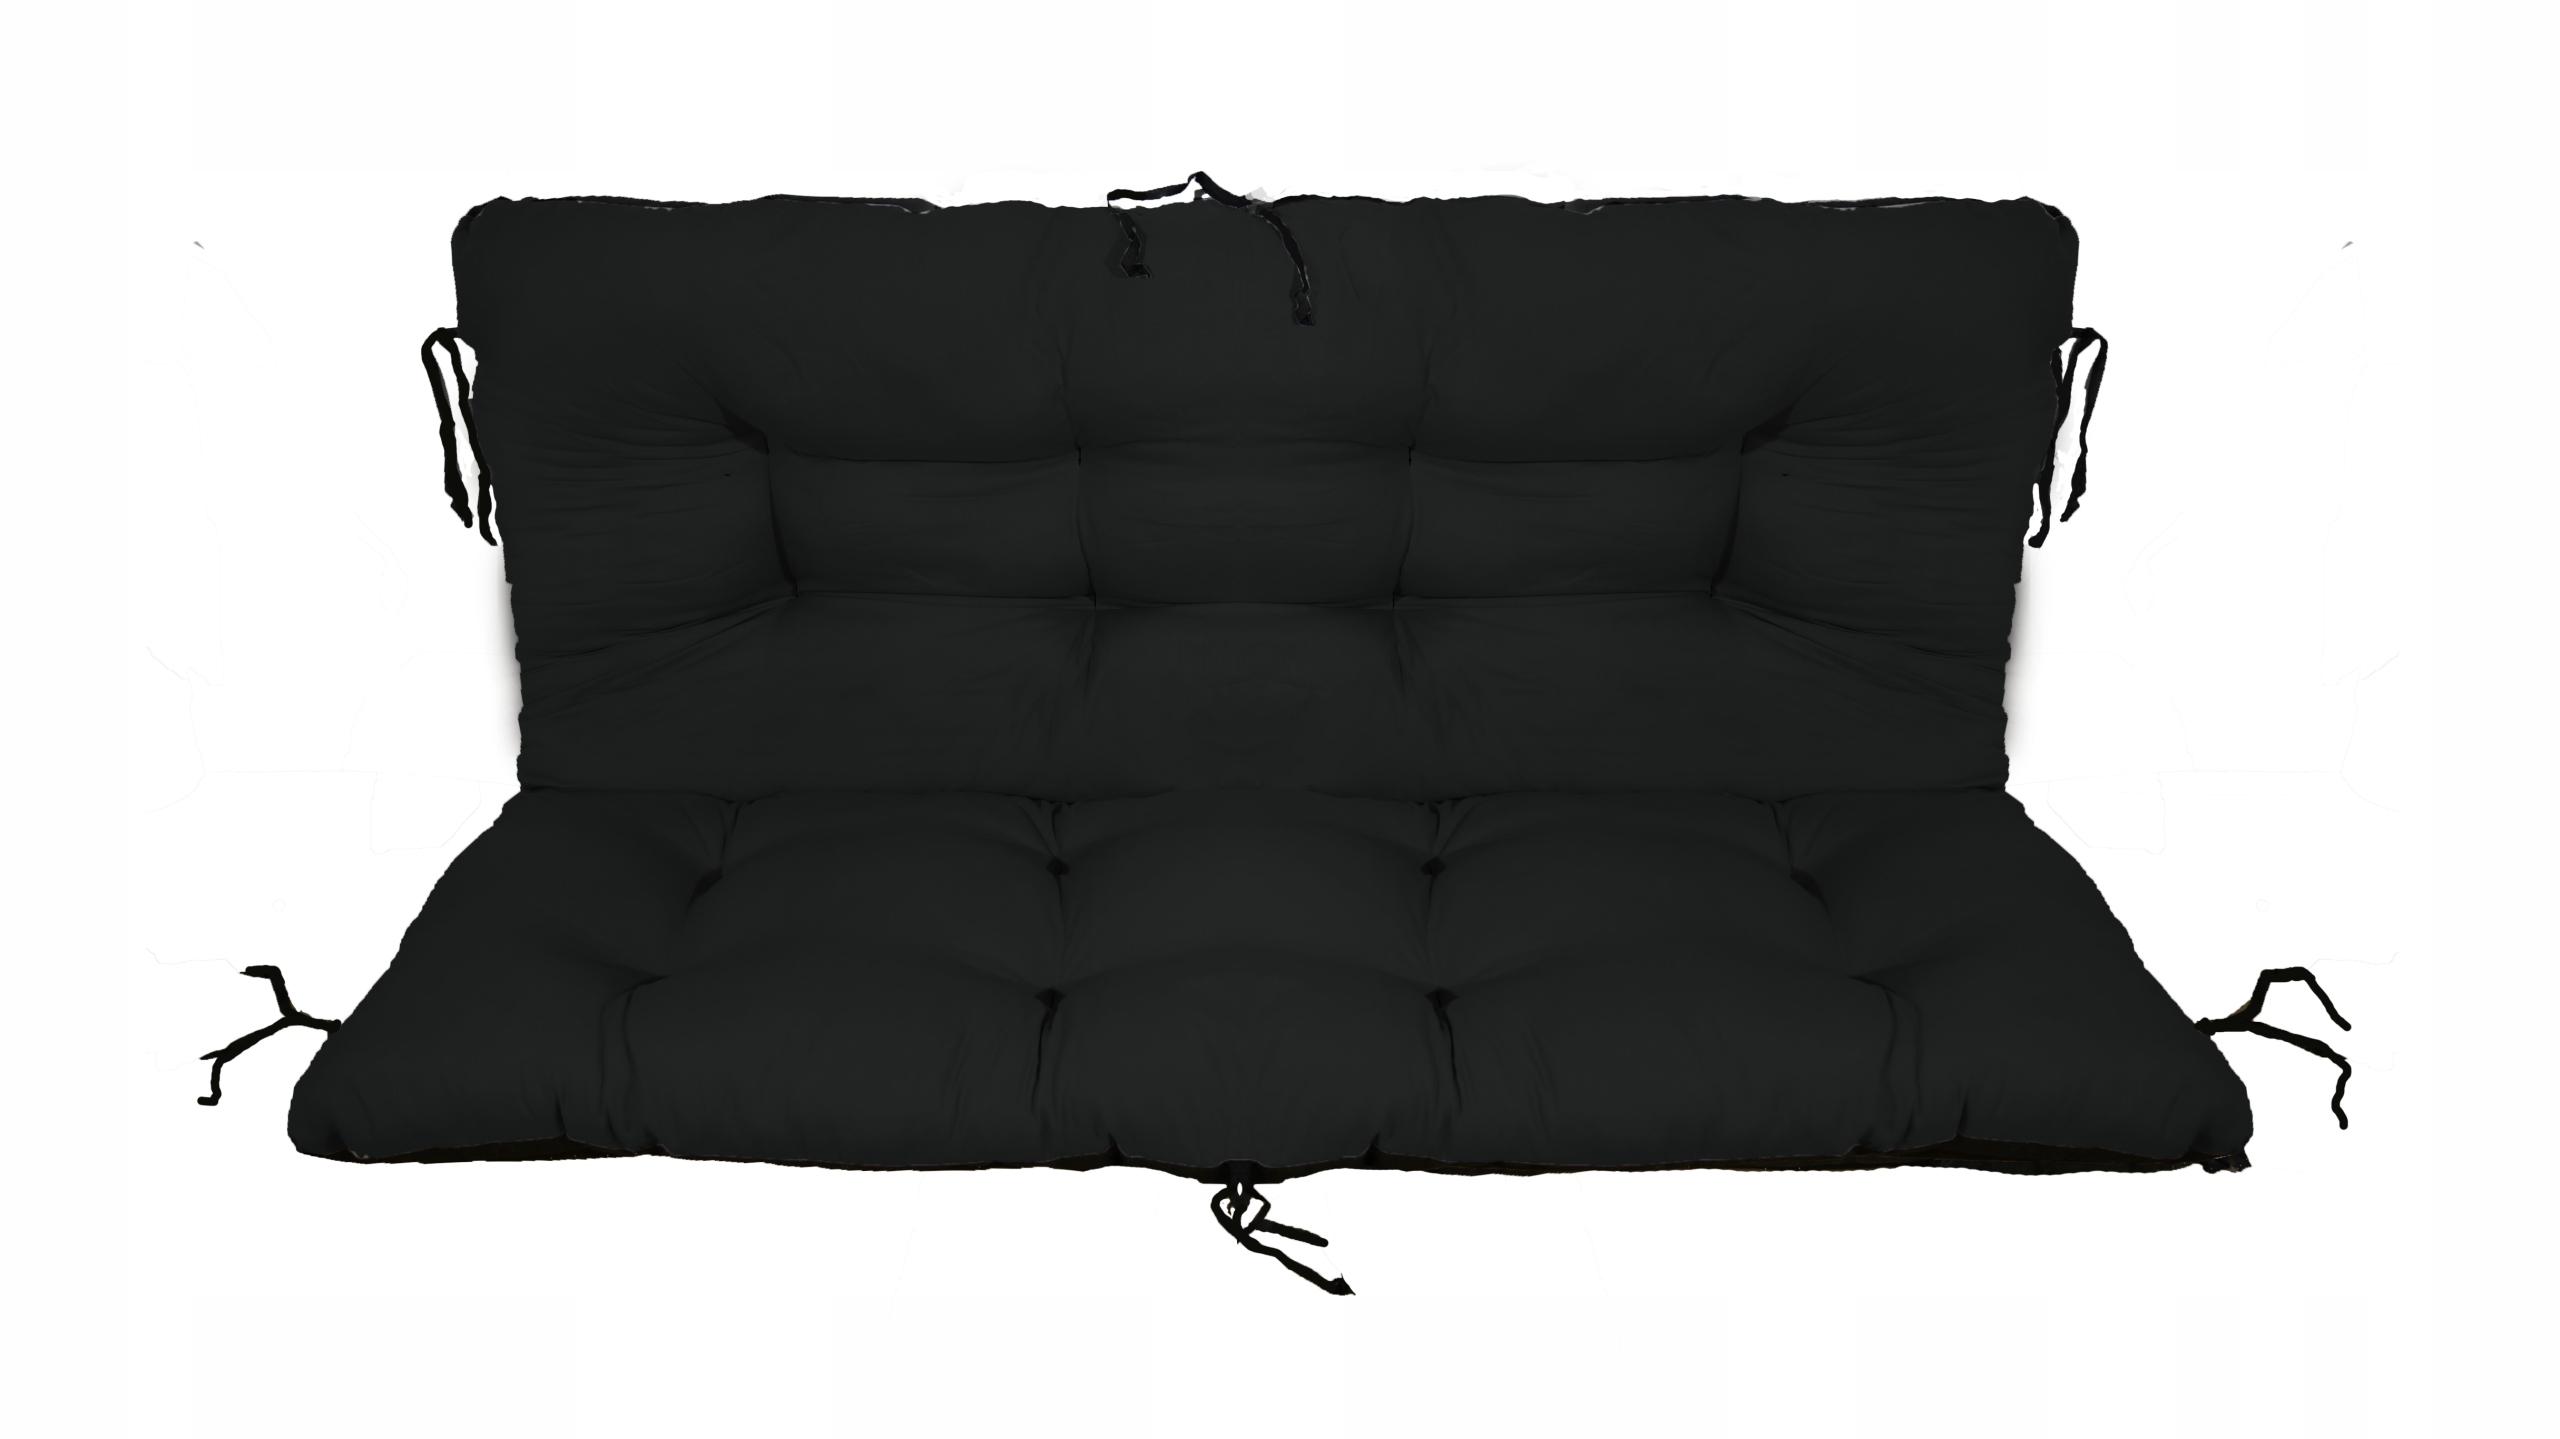 Подушка для садовой качели 120x60x50 чёрная